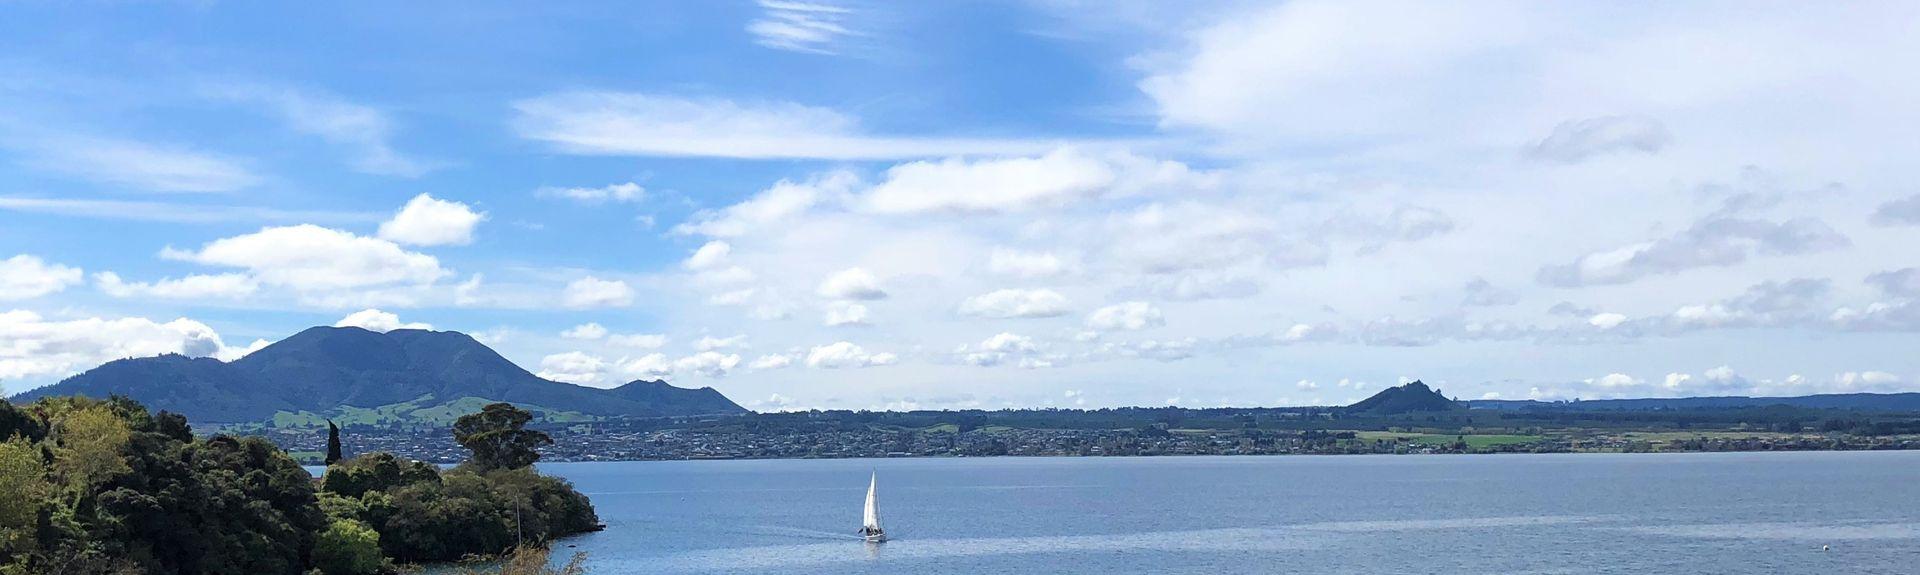 Acacia Bay, Taupo, Waikato, New Zealand